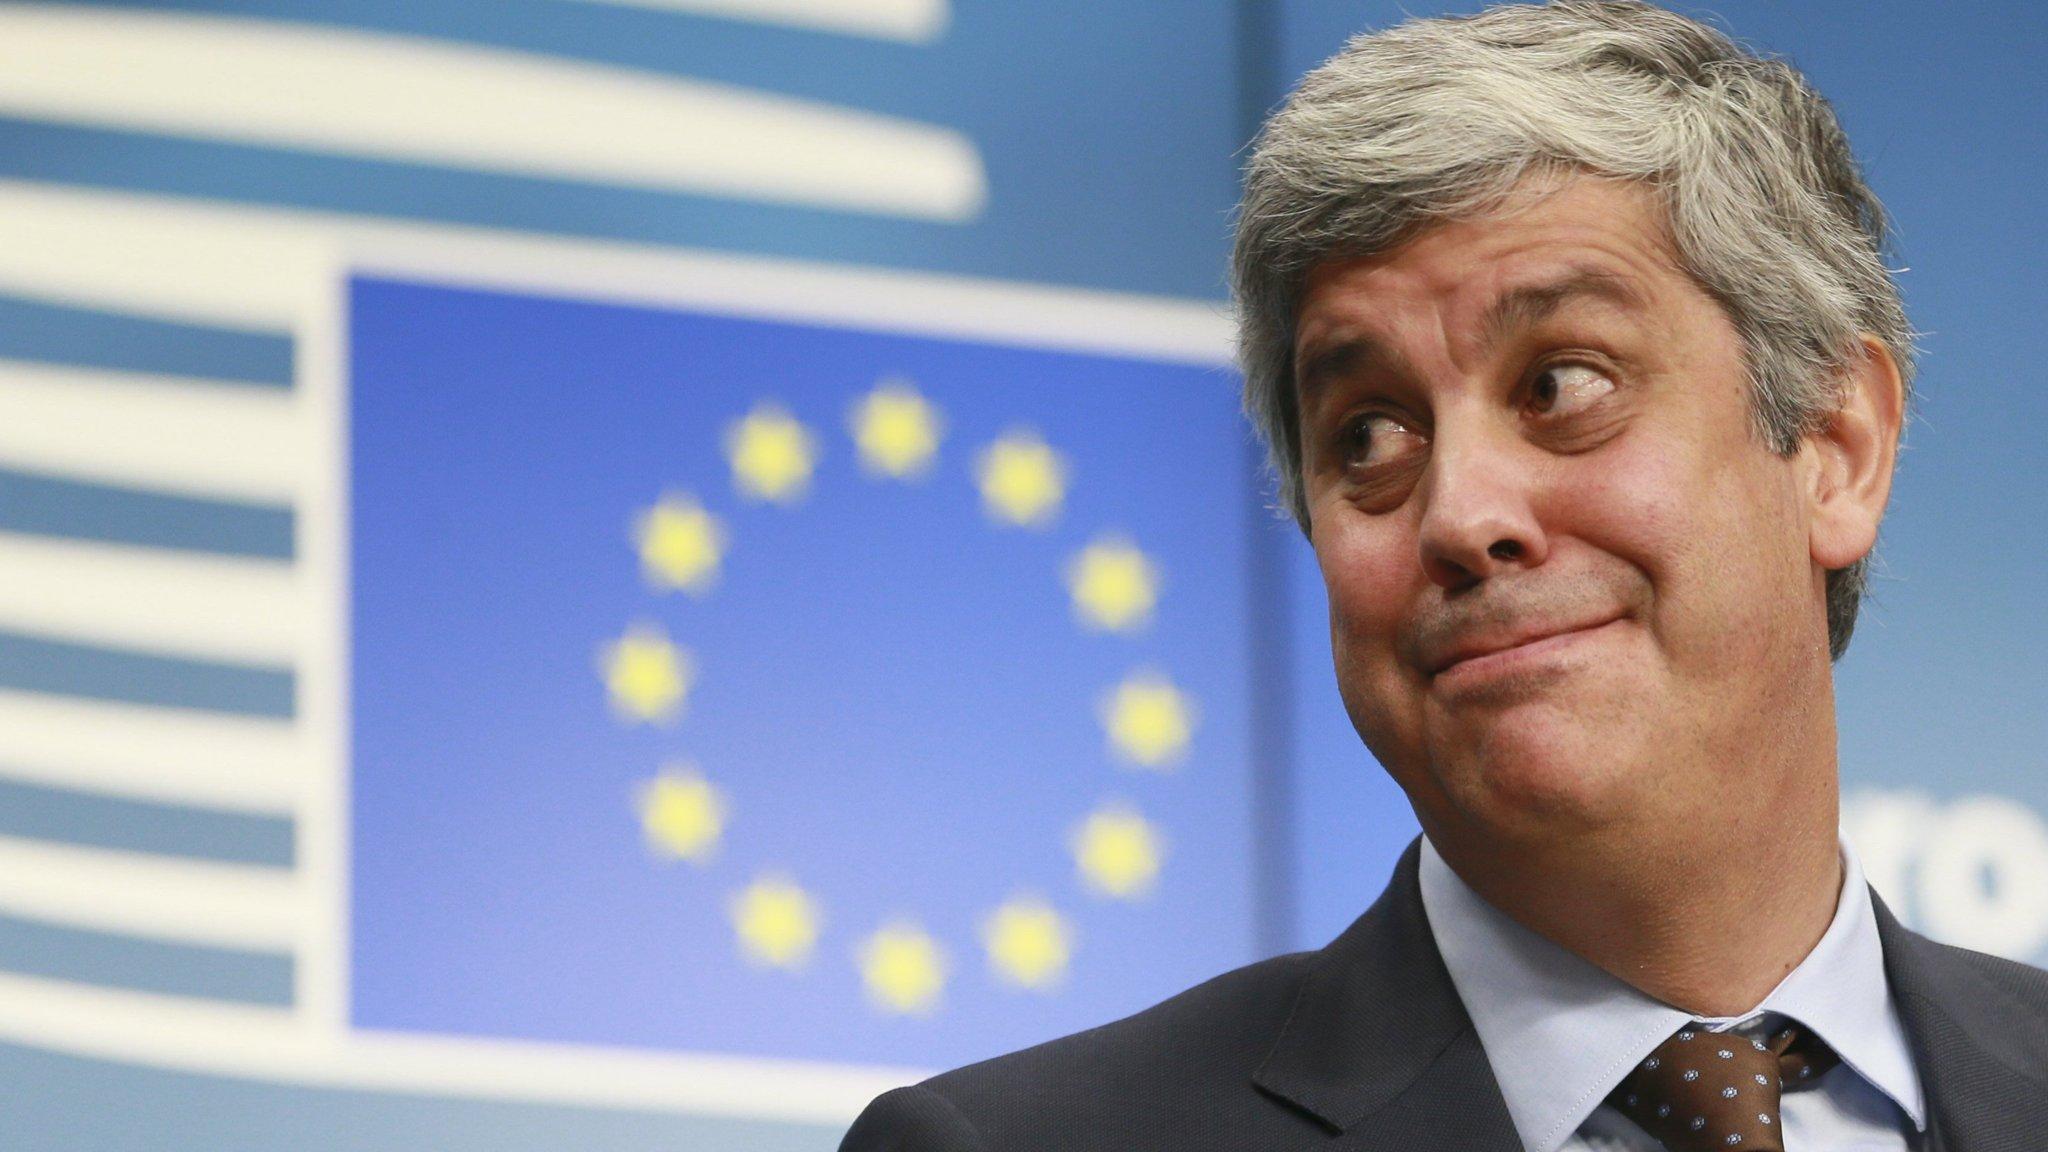 رئيس مجموعة اليورو: السياسات التوسعية لعبت دوراً محورياً في تعافى اقتصادات المنطقة